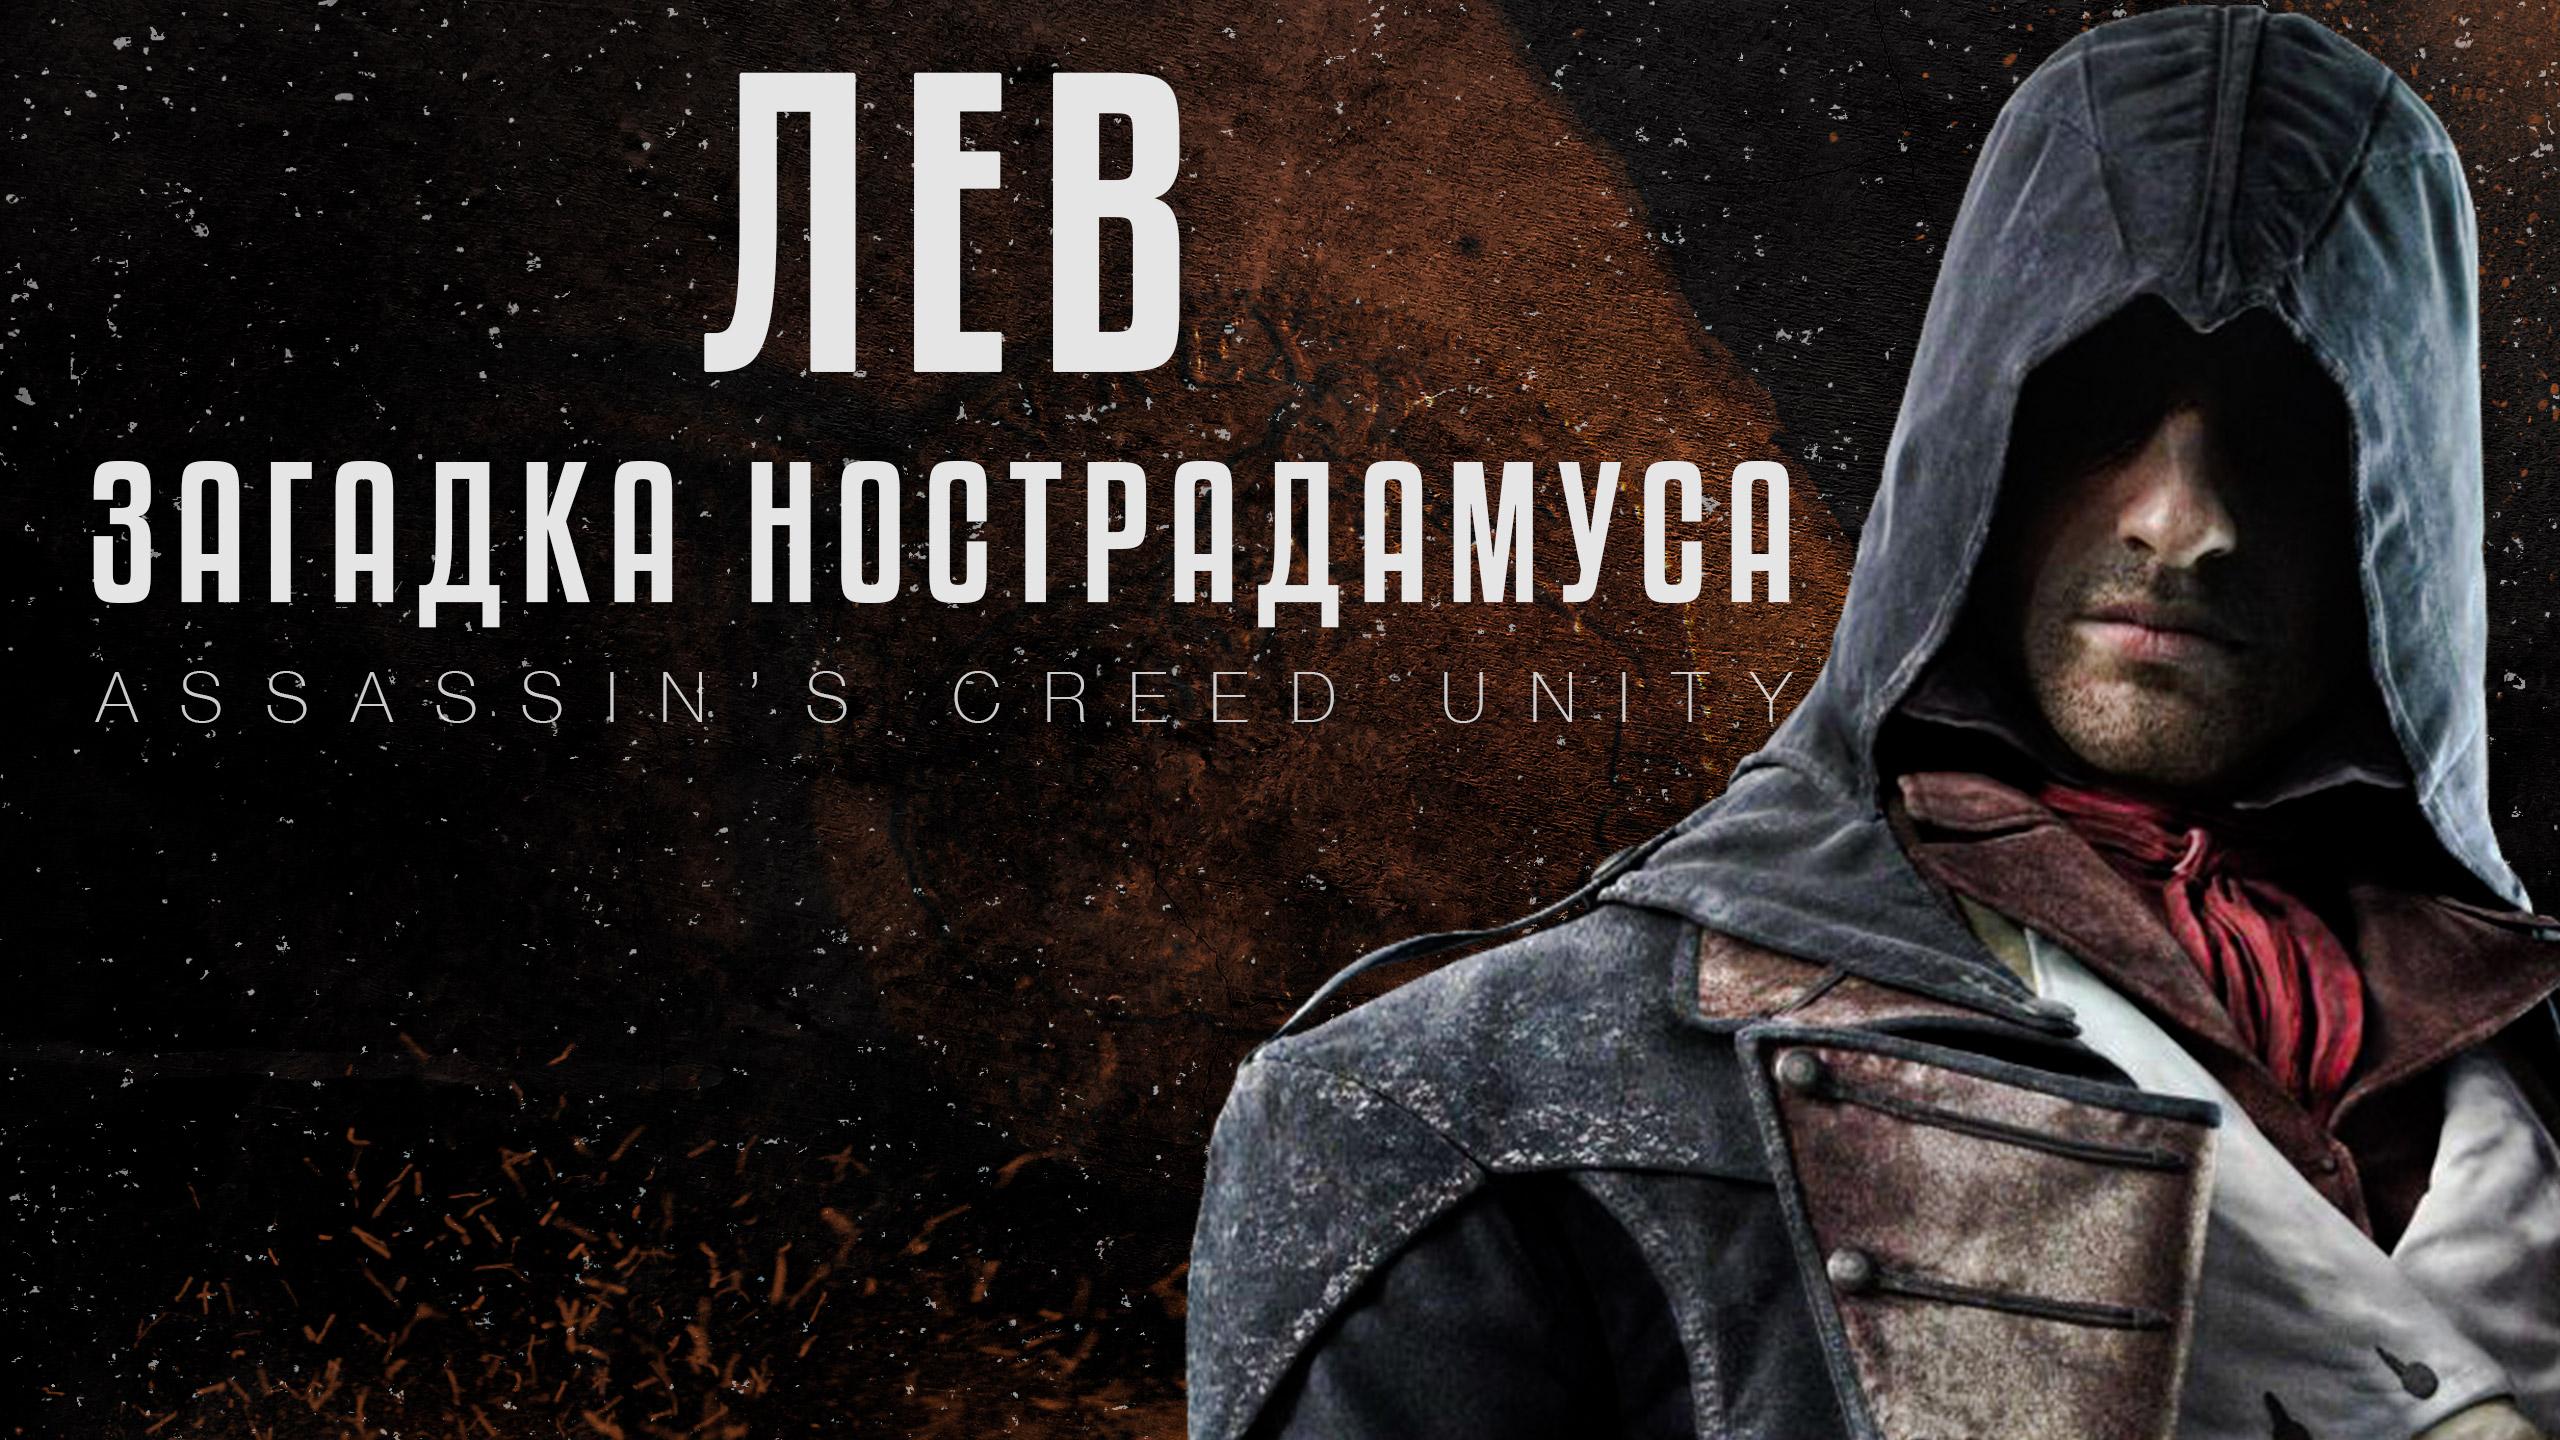 Нострадамус в игре Assassin's Creed Unity (Лев)